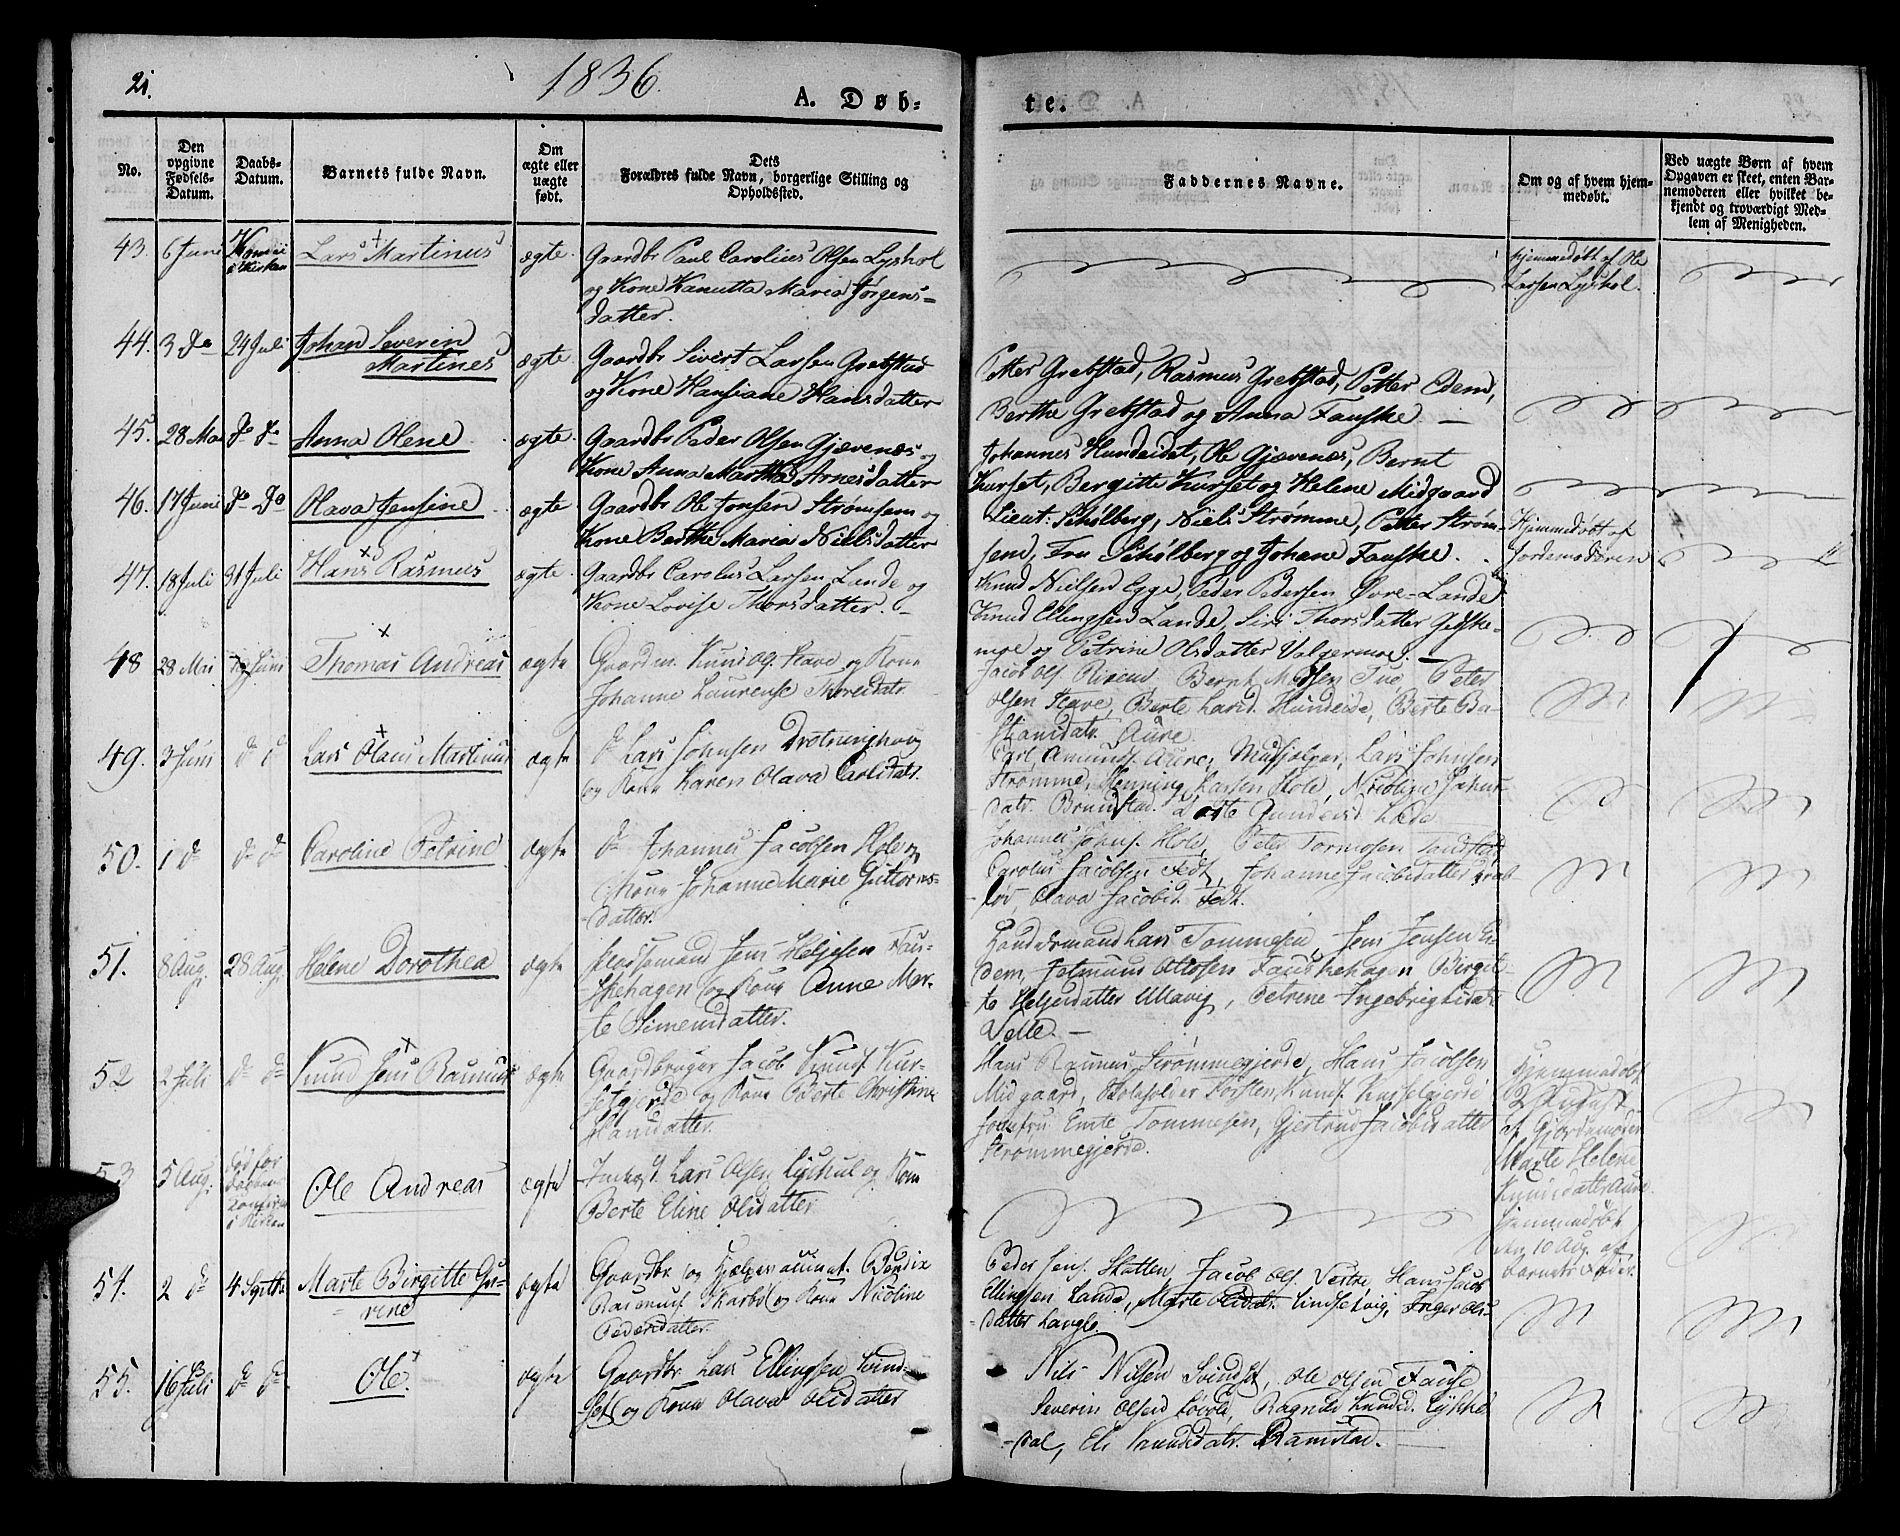 SAT, Ministerialprotokoller, klokkerbøker og fødselsregistre - Møre og Romsdal, 522/L0311: Ministerialbok nr. 522A06, 1832-1842, s. 21